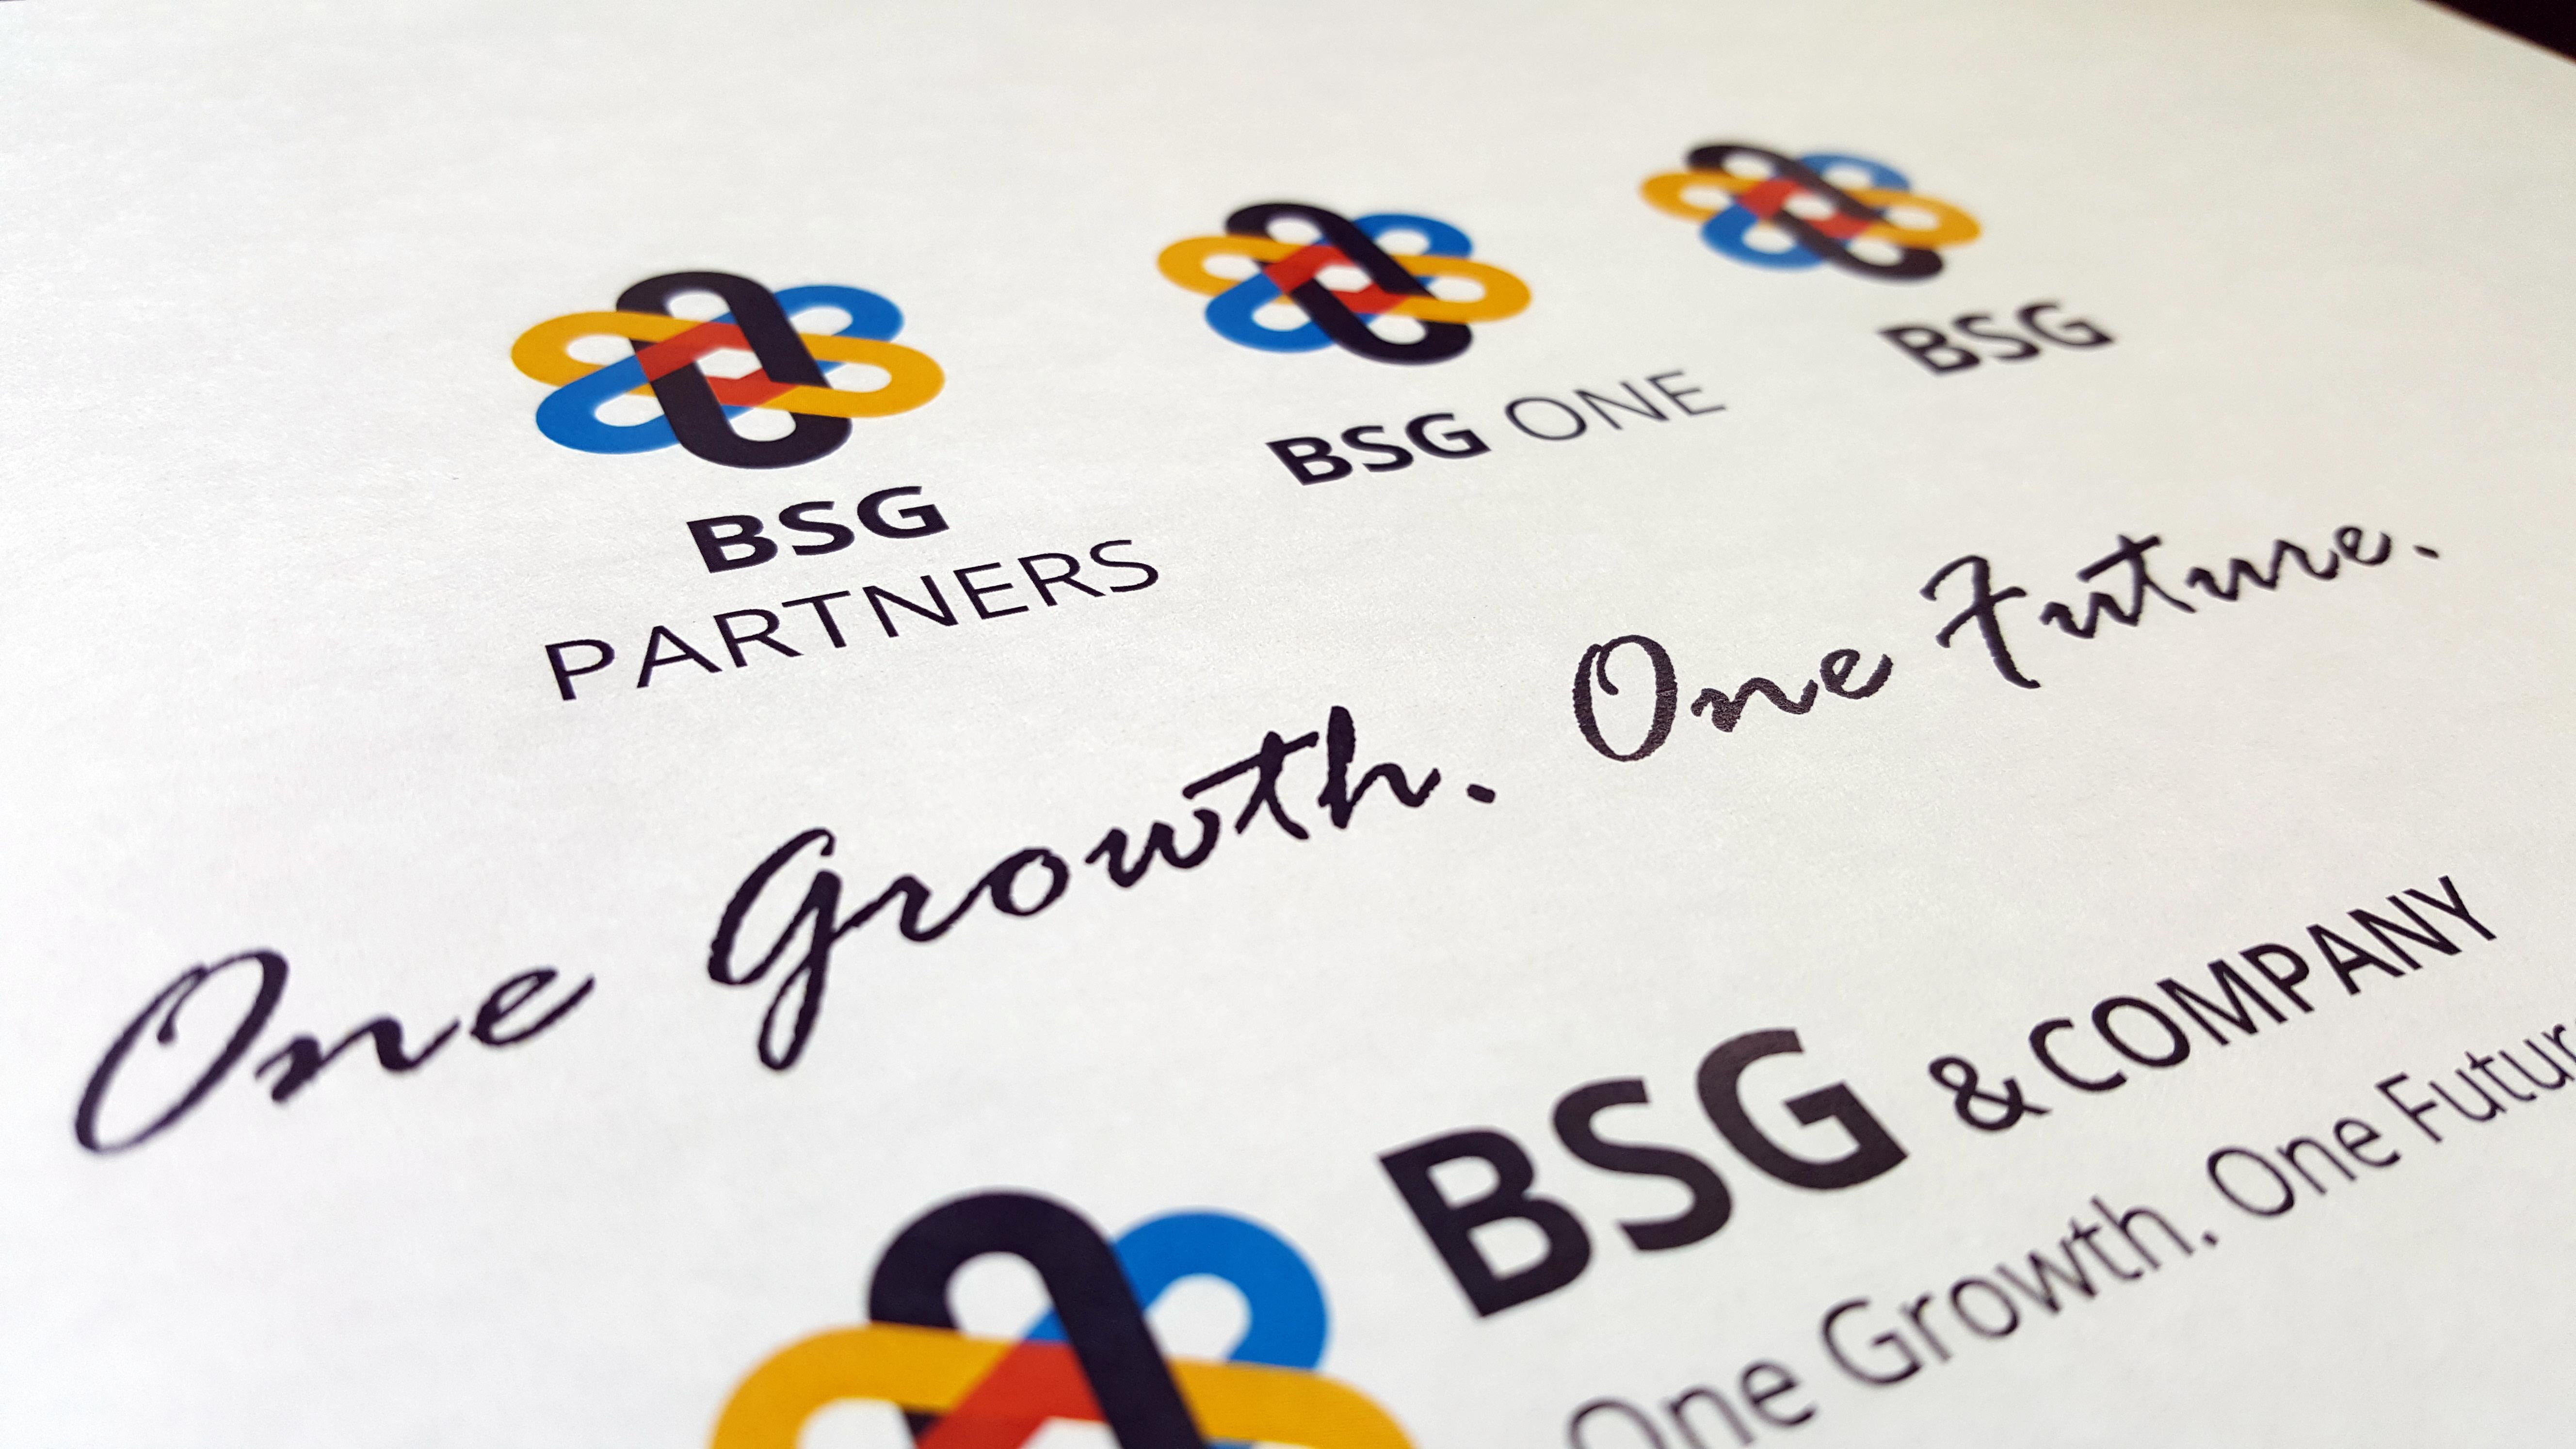 BSG | SAP,AWS,Cloud,S/4HANA,ERP,HR,Concur,byDesign